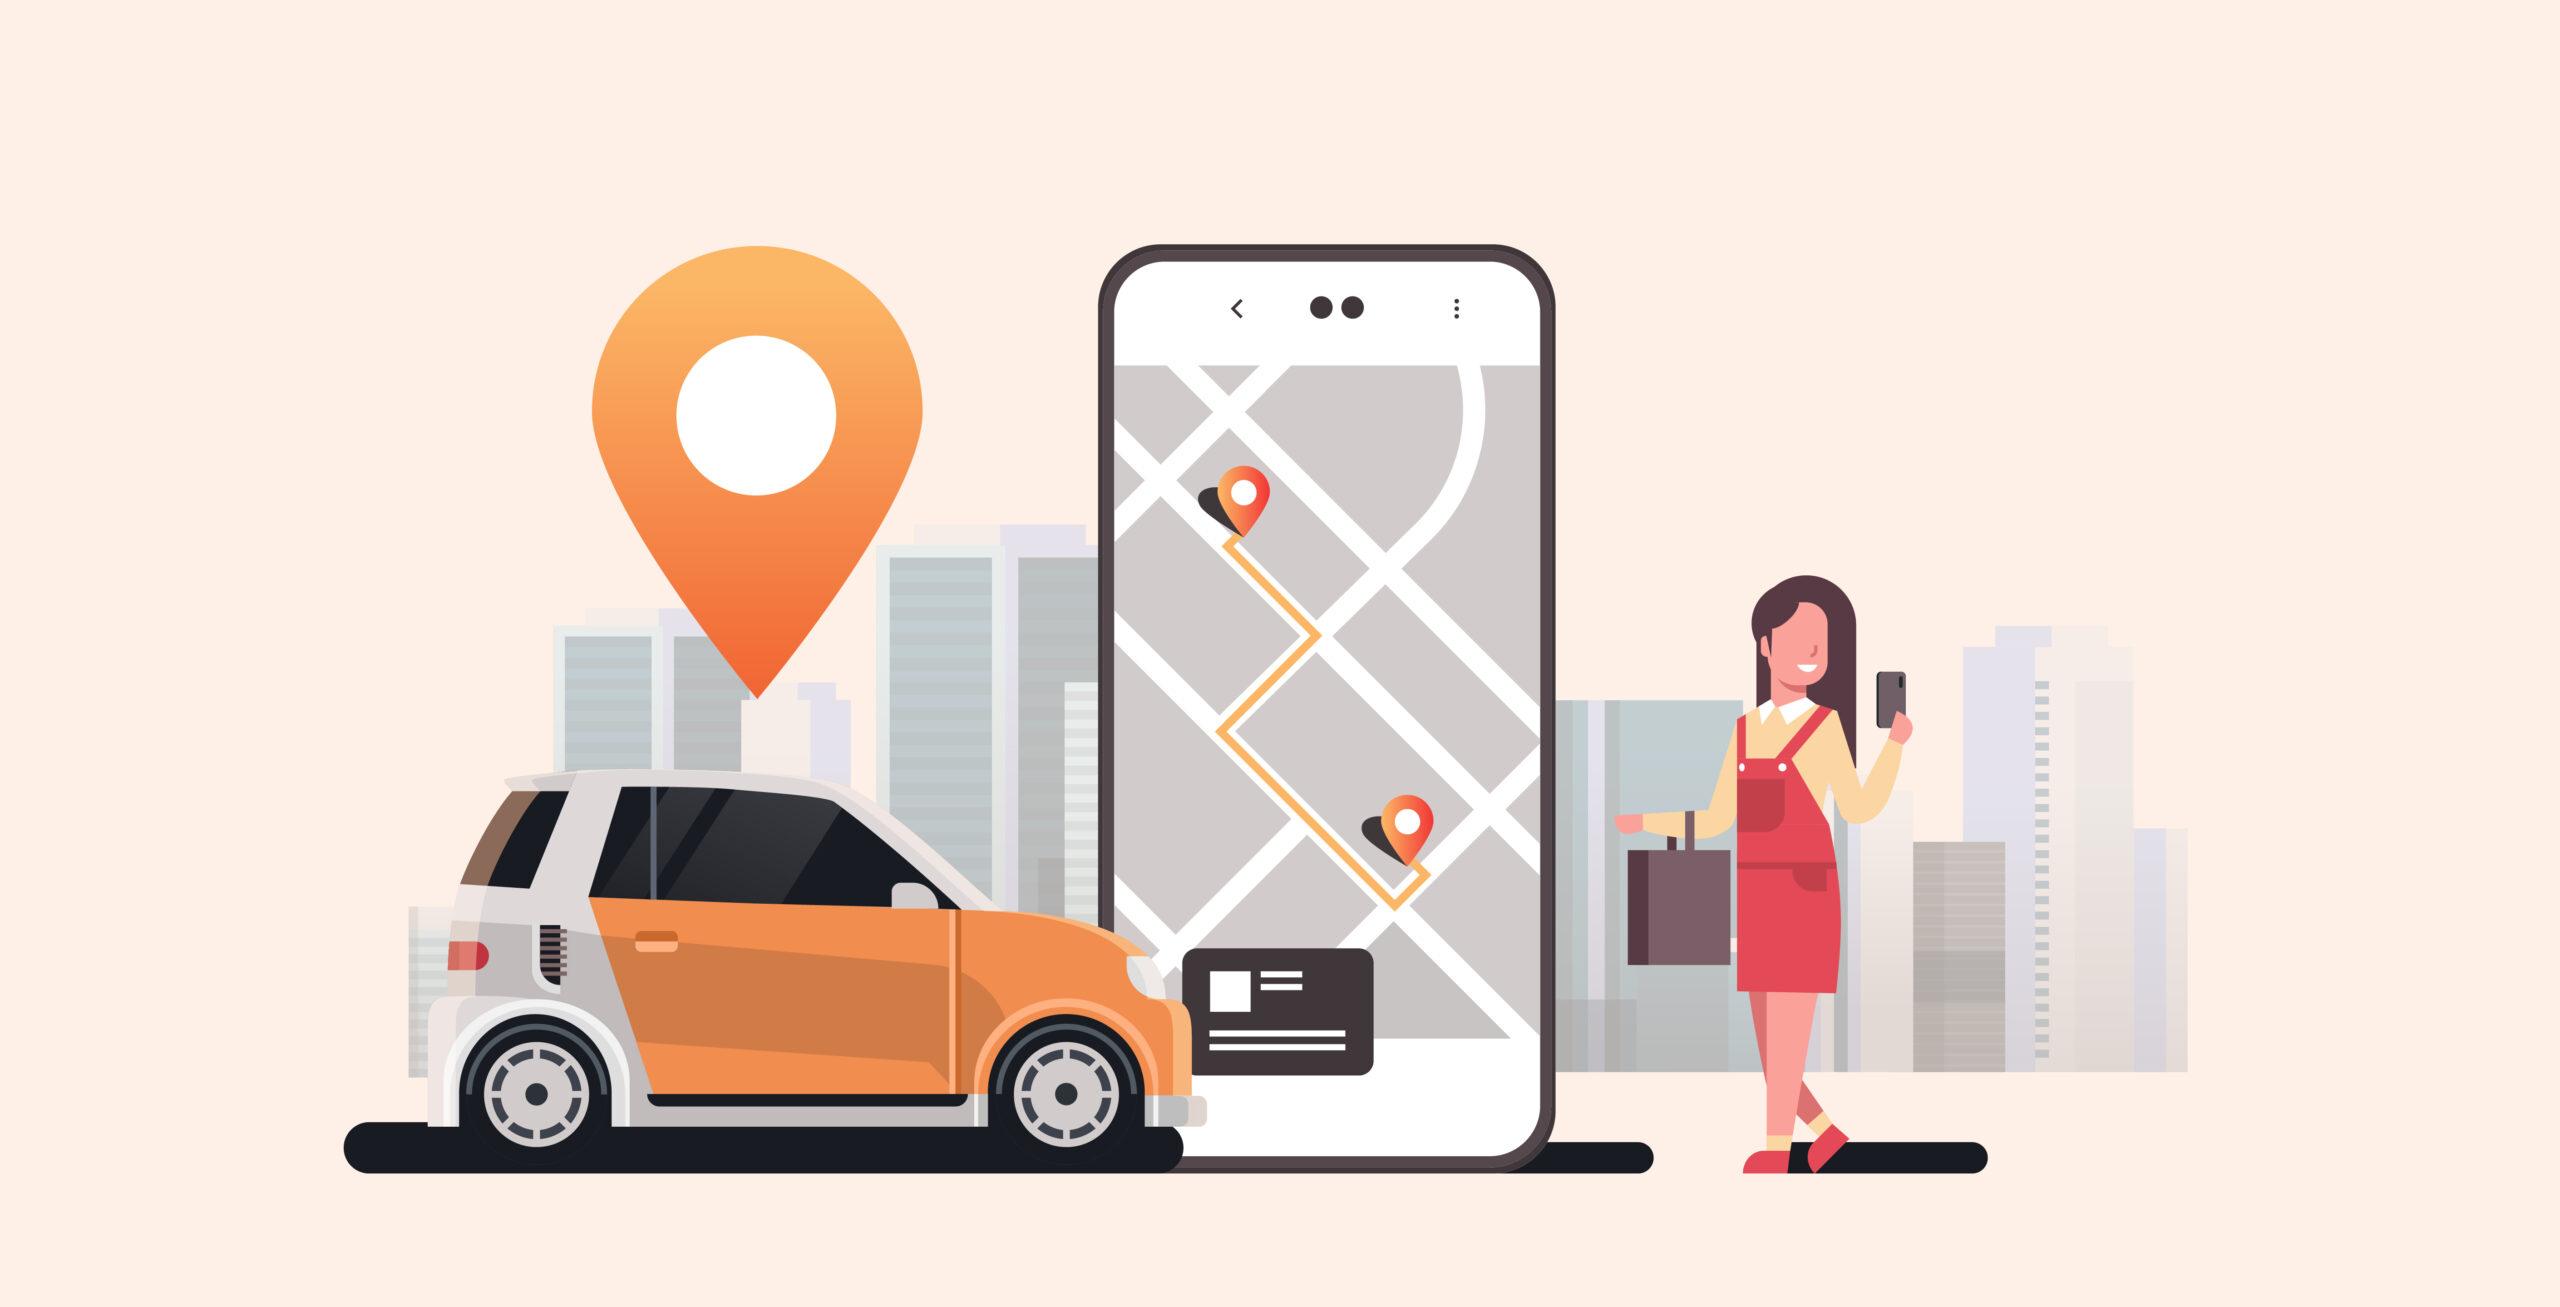 Get-a-ride Minicab